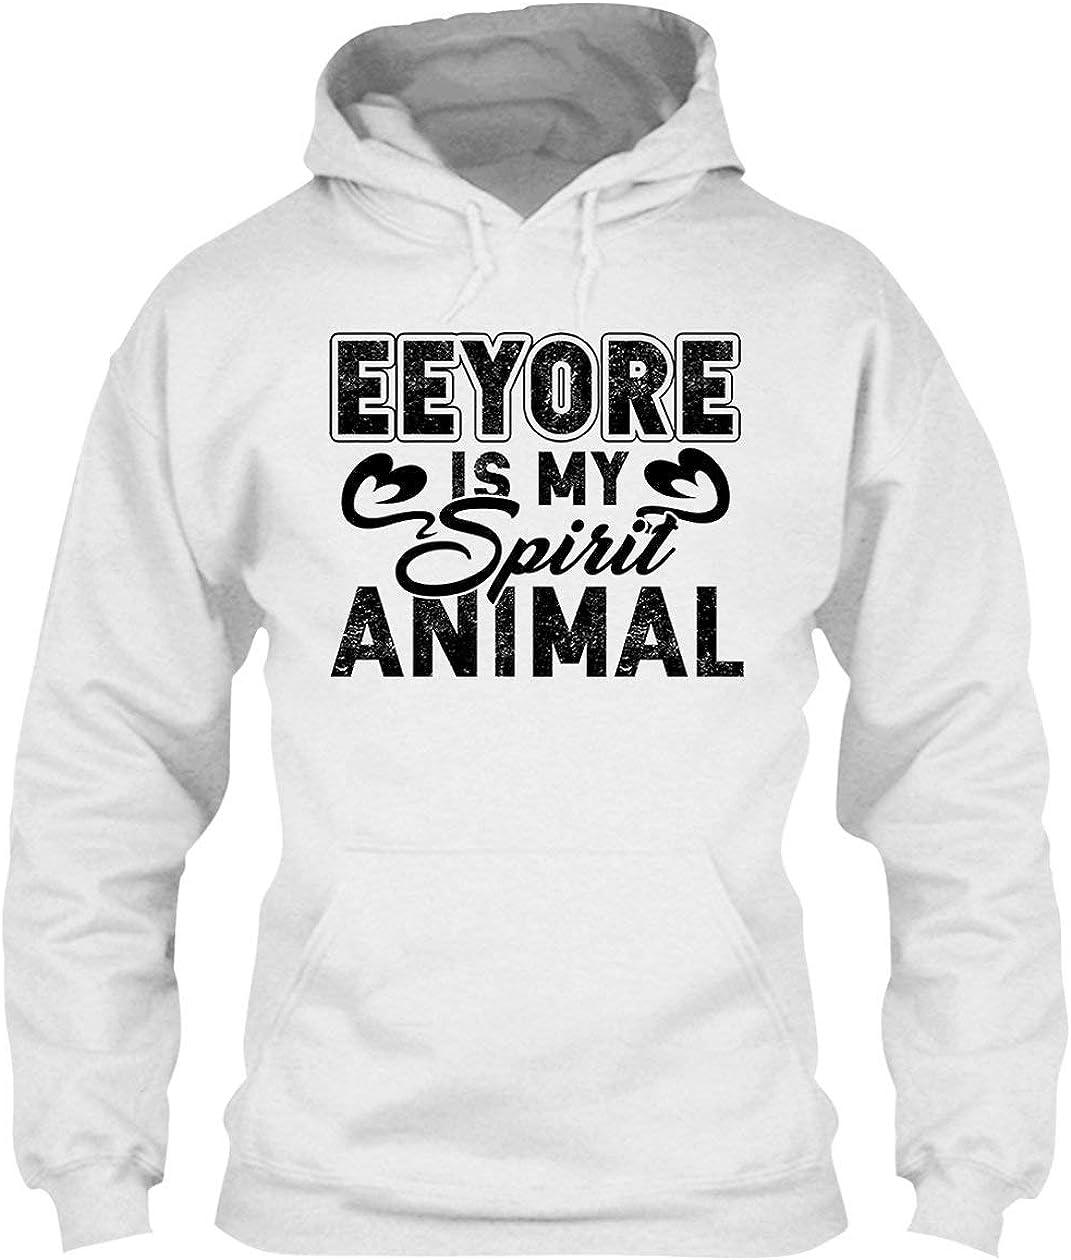 Eeyore is My Spirit Animal Hoodie Pullover 即納送料無料 Hoodies 新色追加して再販 Men for Wom